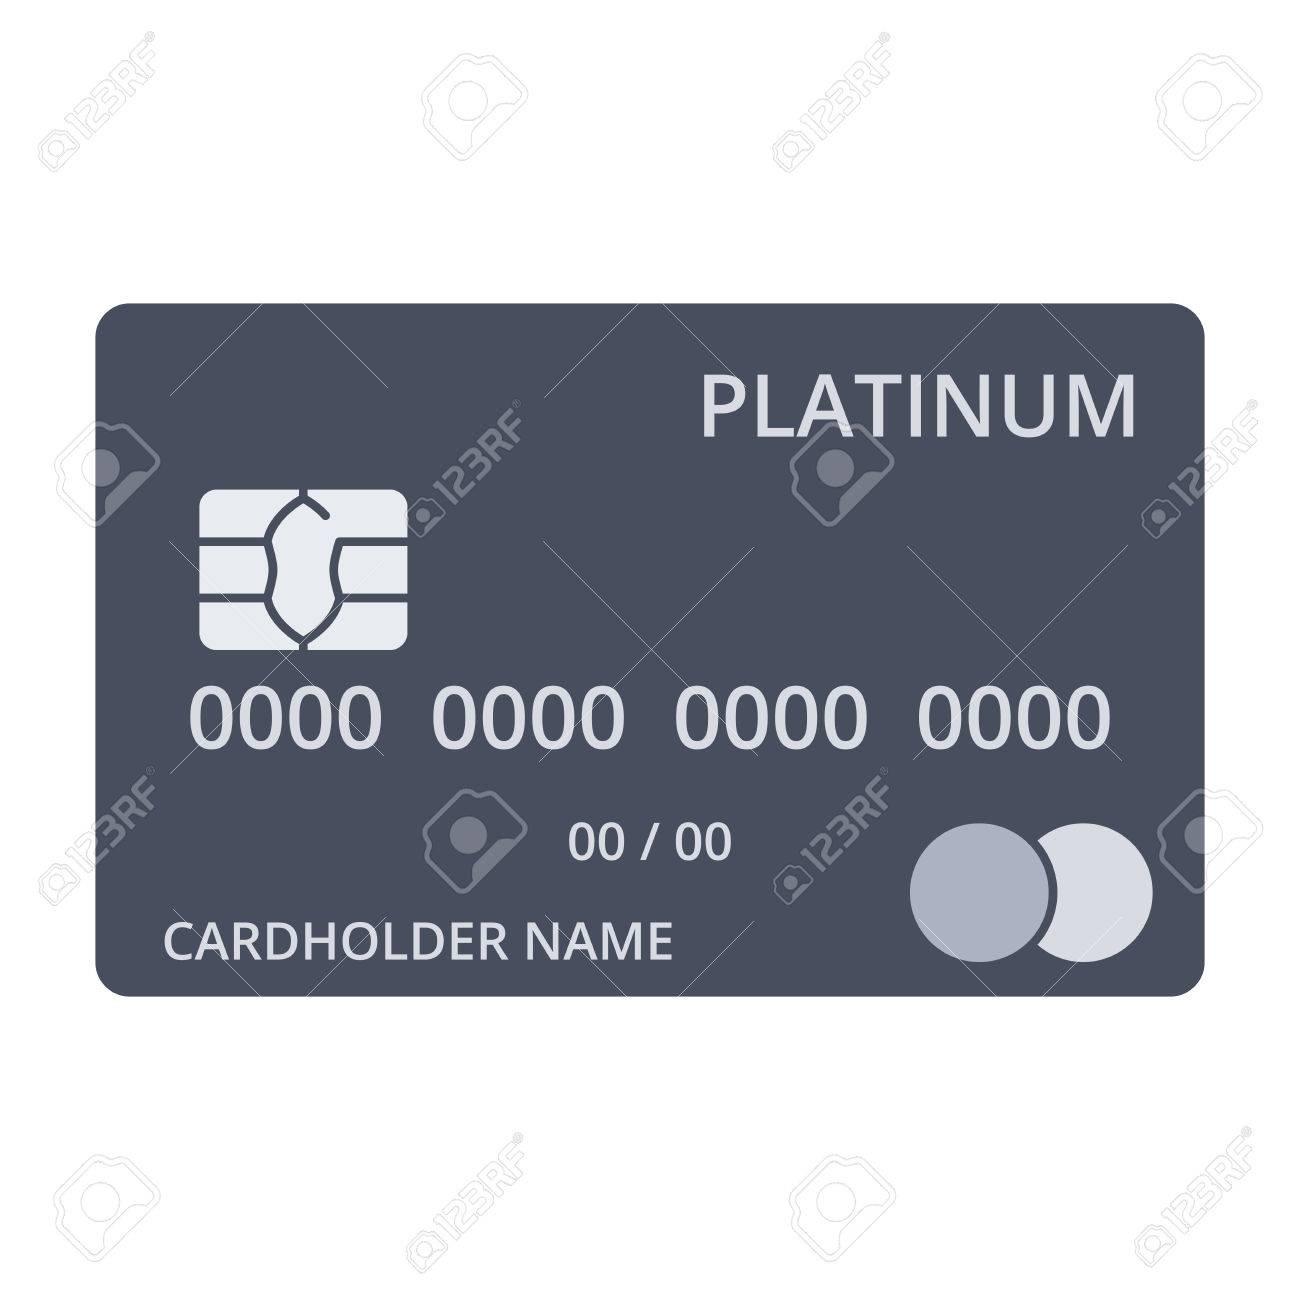 c13a631fc7b5 Foto de archivo - Plantillas de tarjetas de débito de platino en estilo  plano.